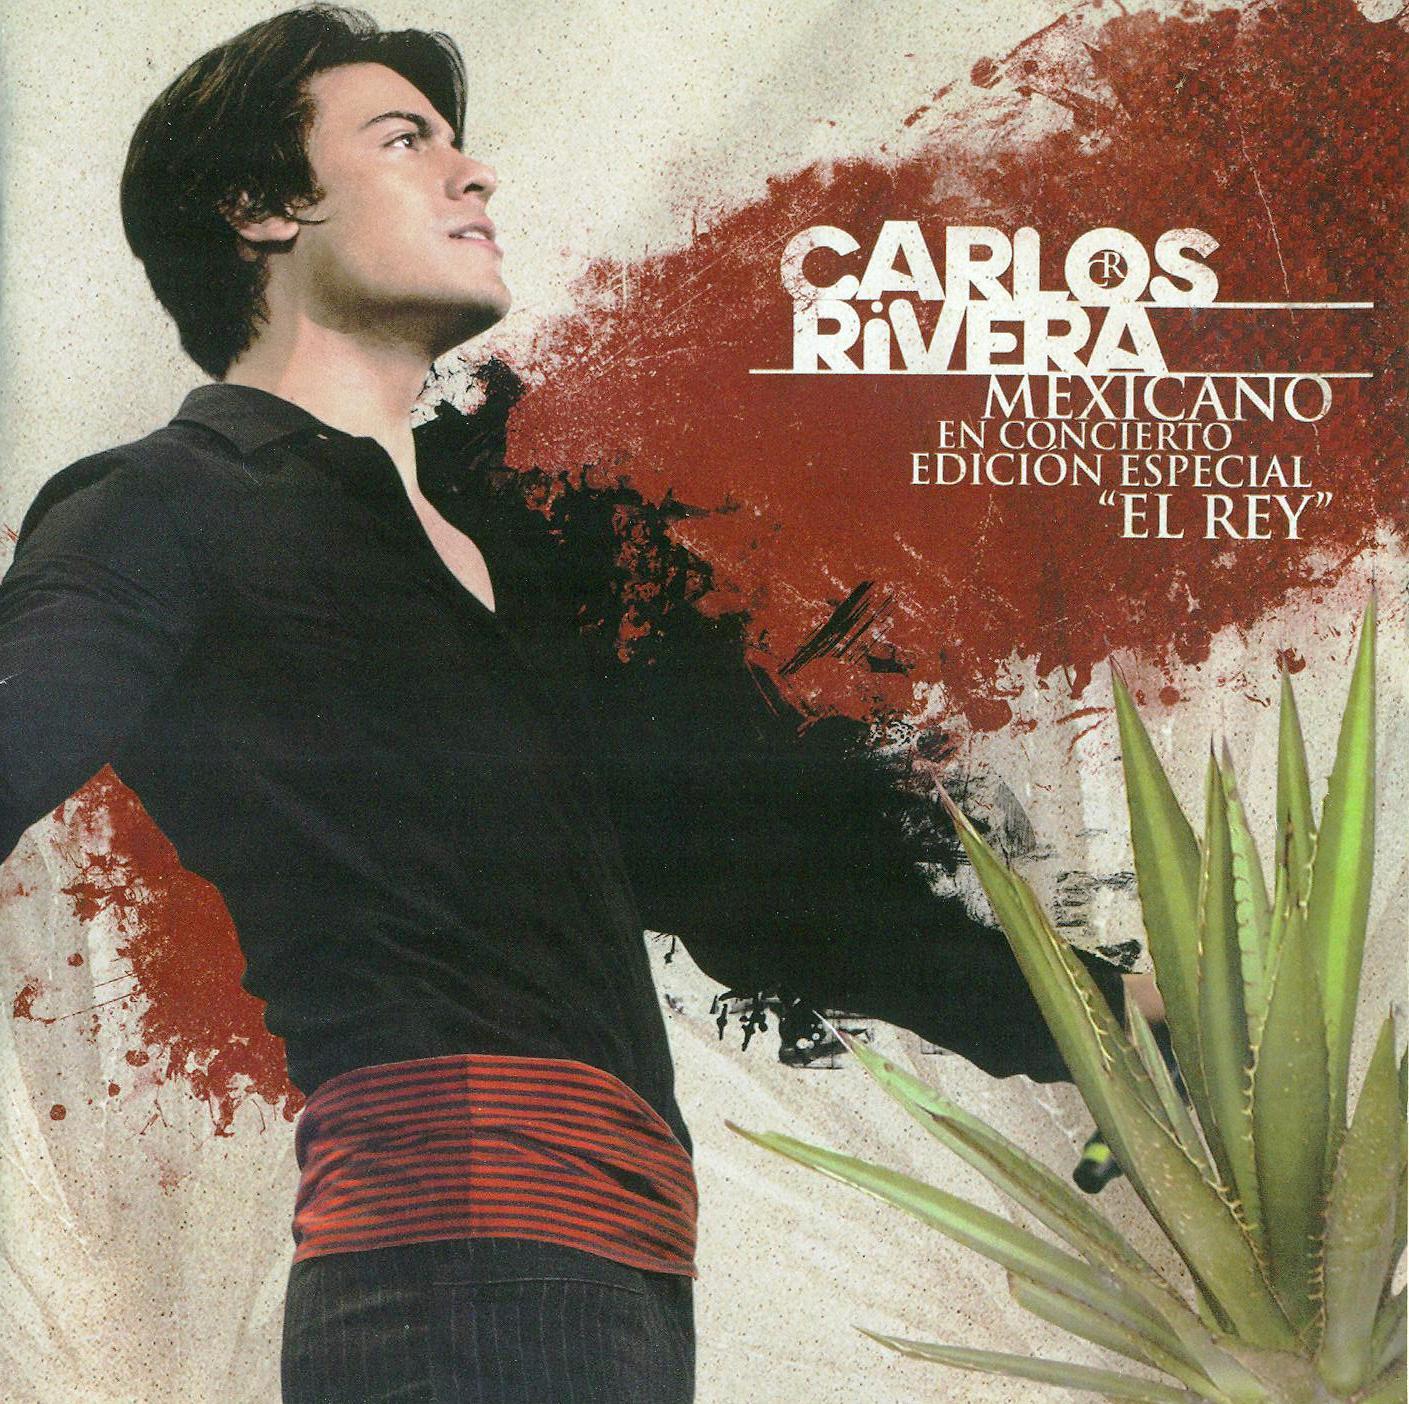 Mexicano en concierto (Edición especial